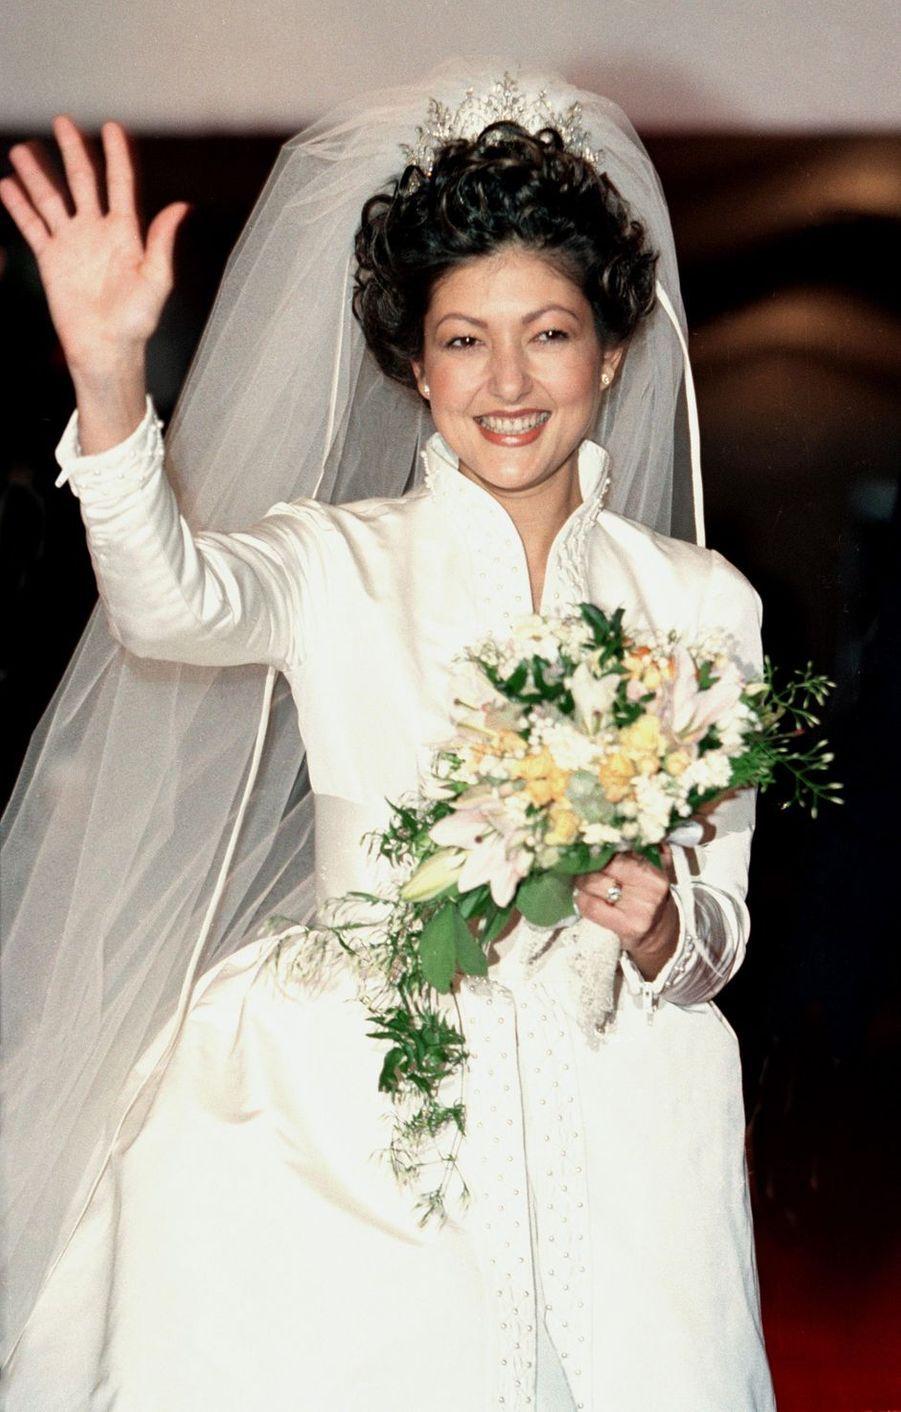 Alexandra Manley, le jour de son mariage avec le prince Joachim de Danemark à Frederiksborg, le 18 novembre 1995